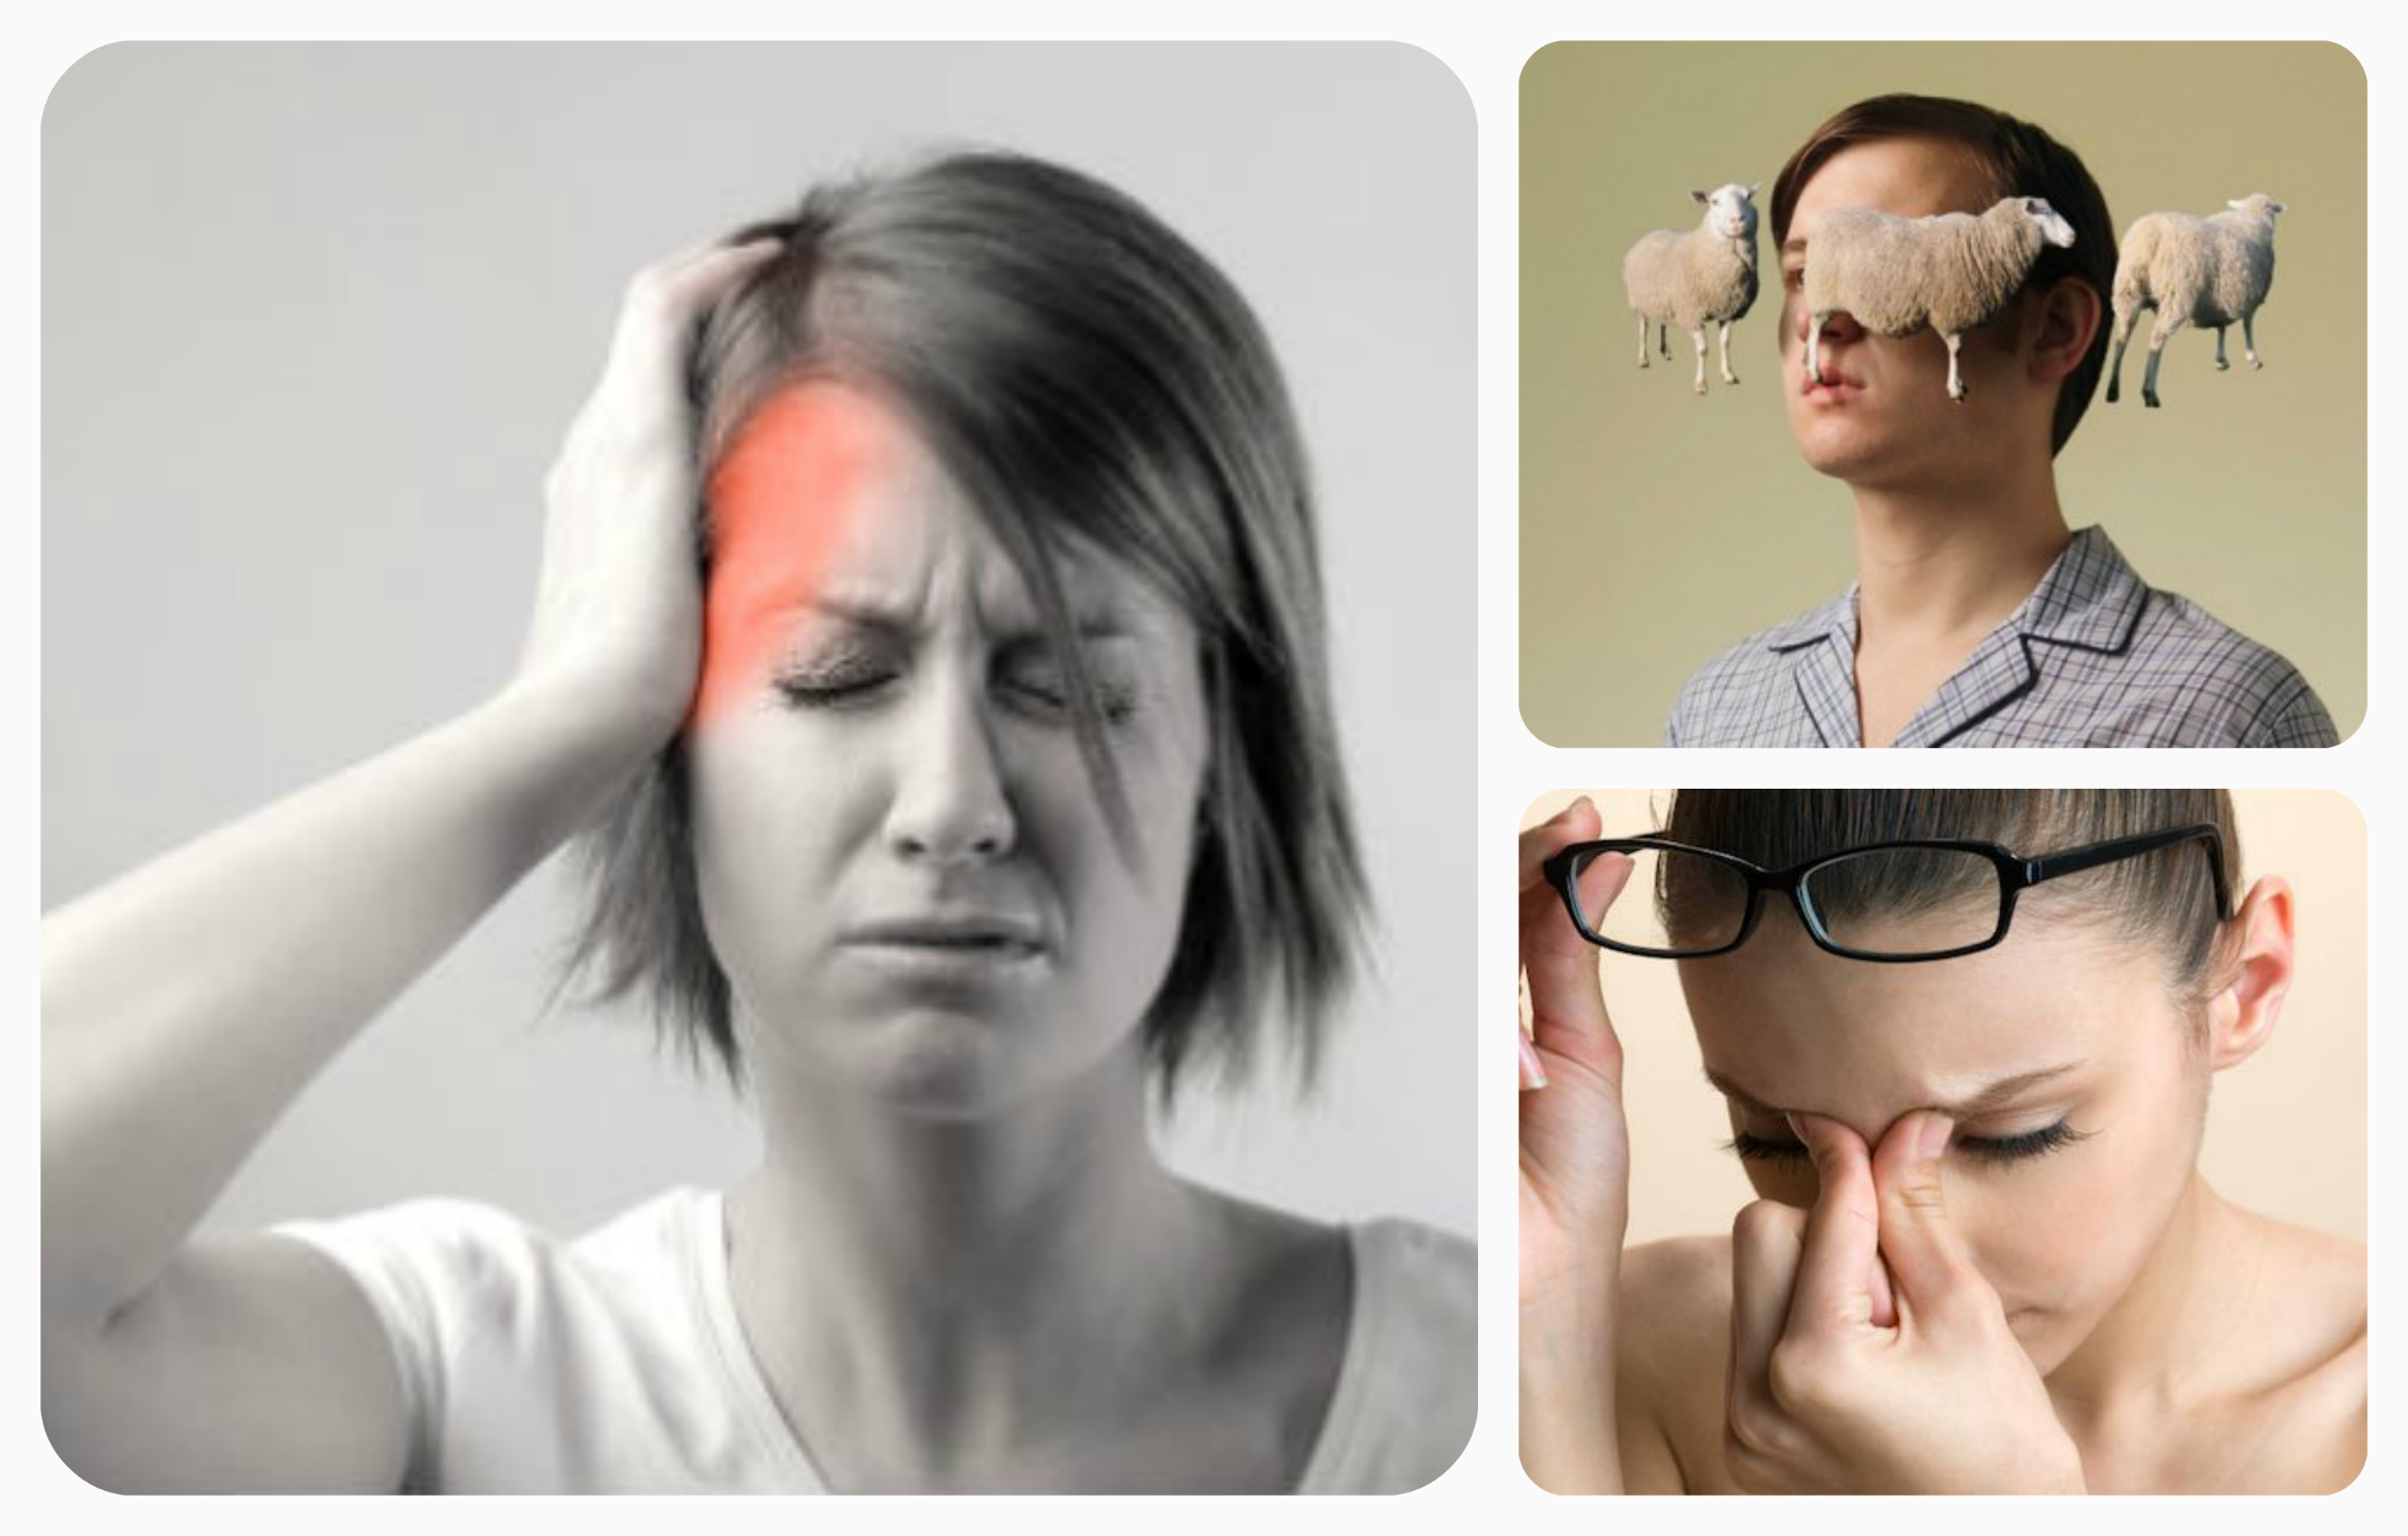 головная боль бессоница растройство зрения